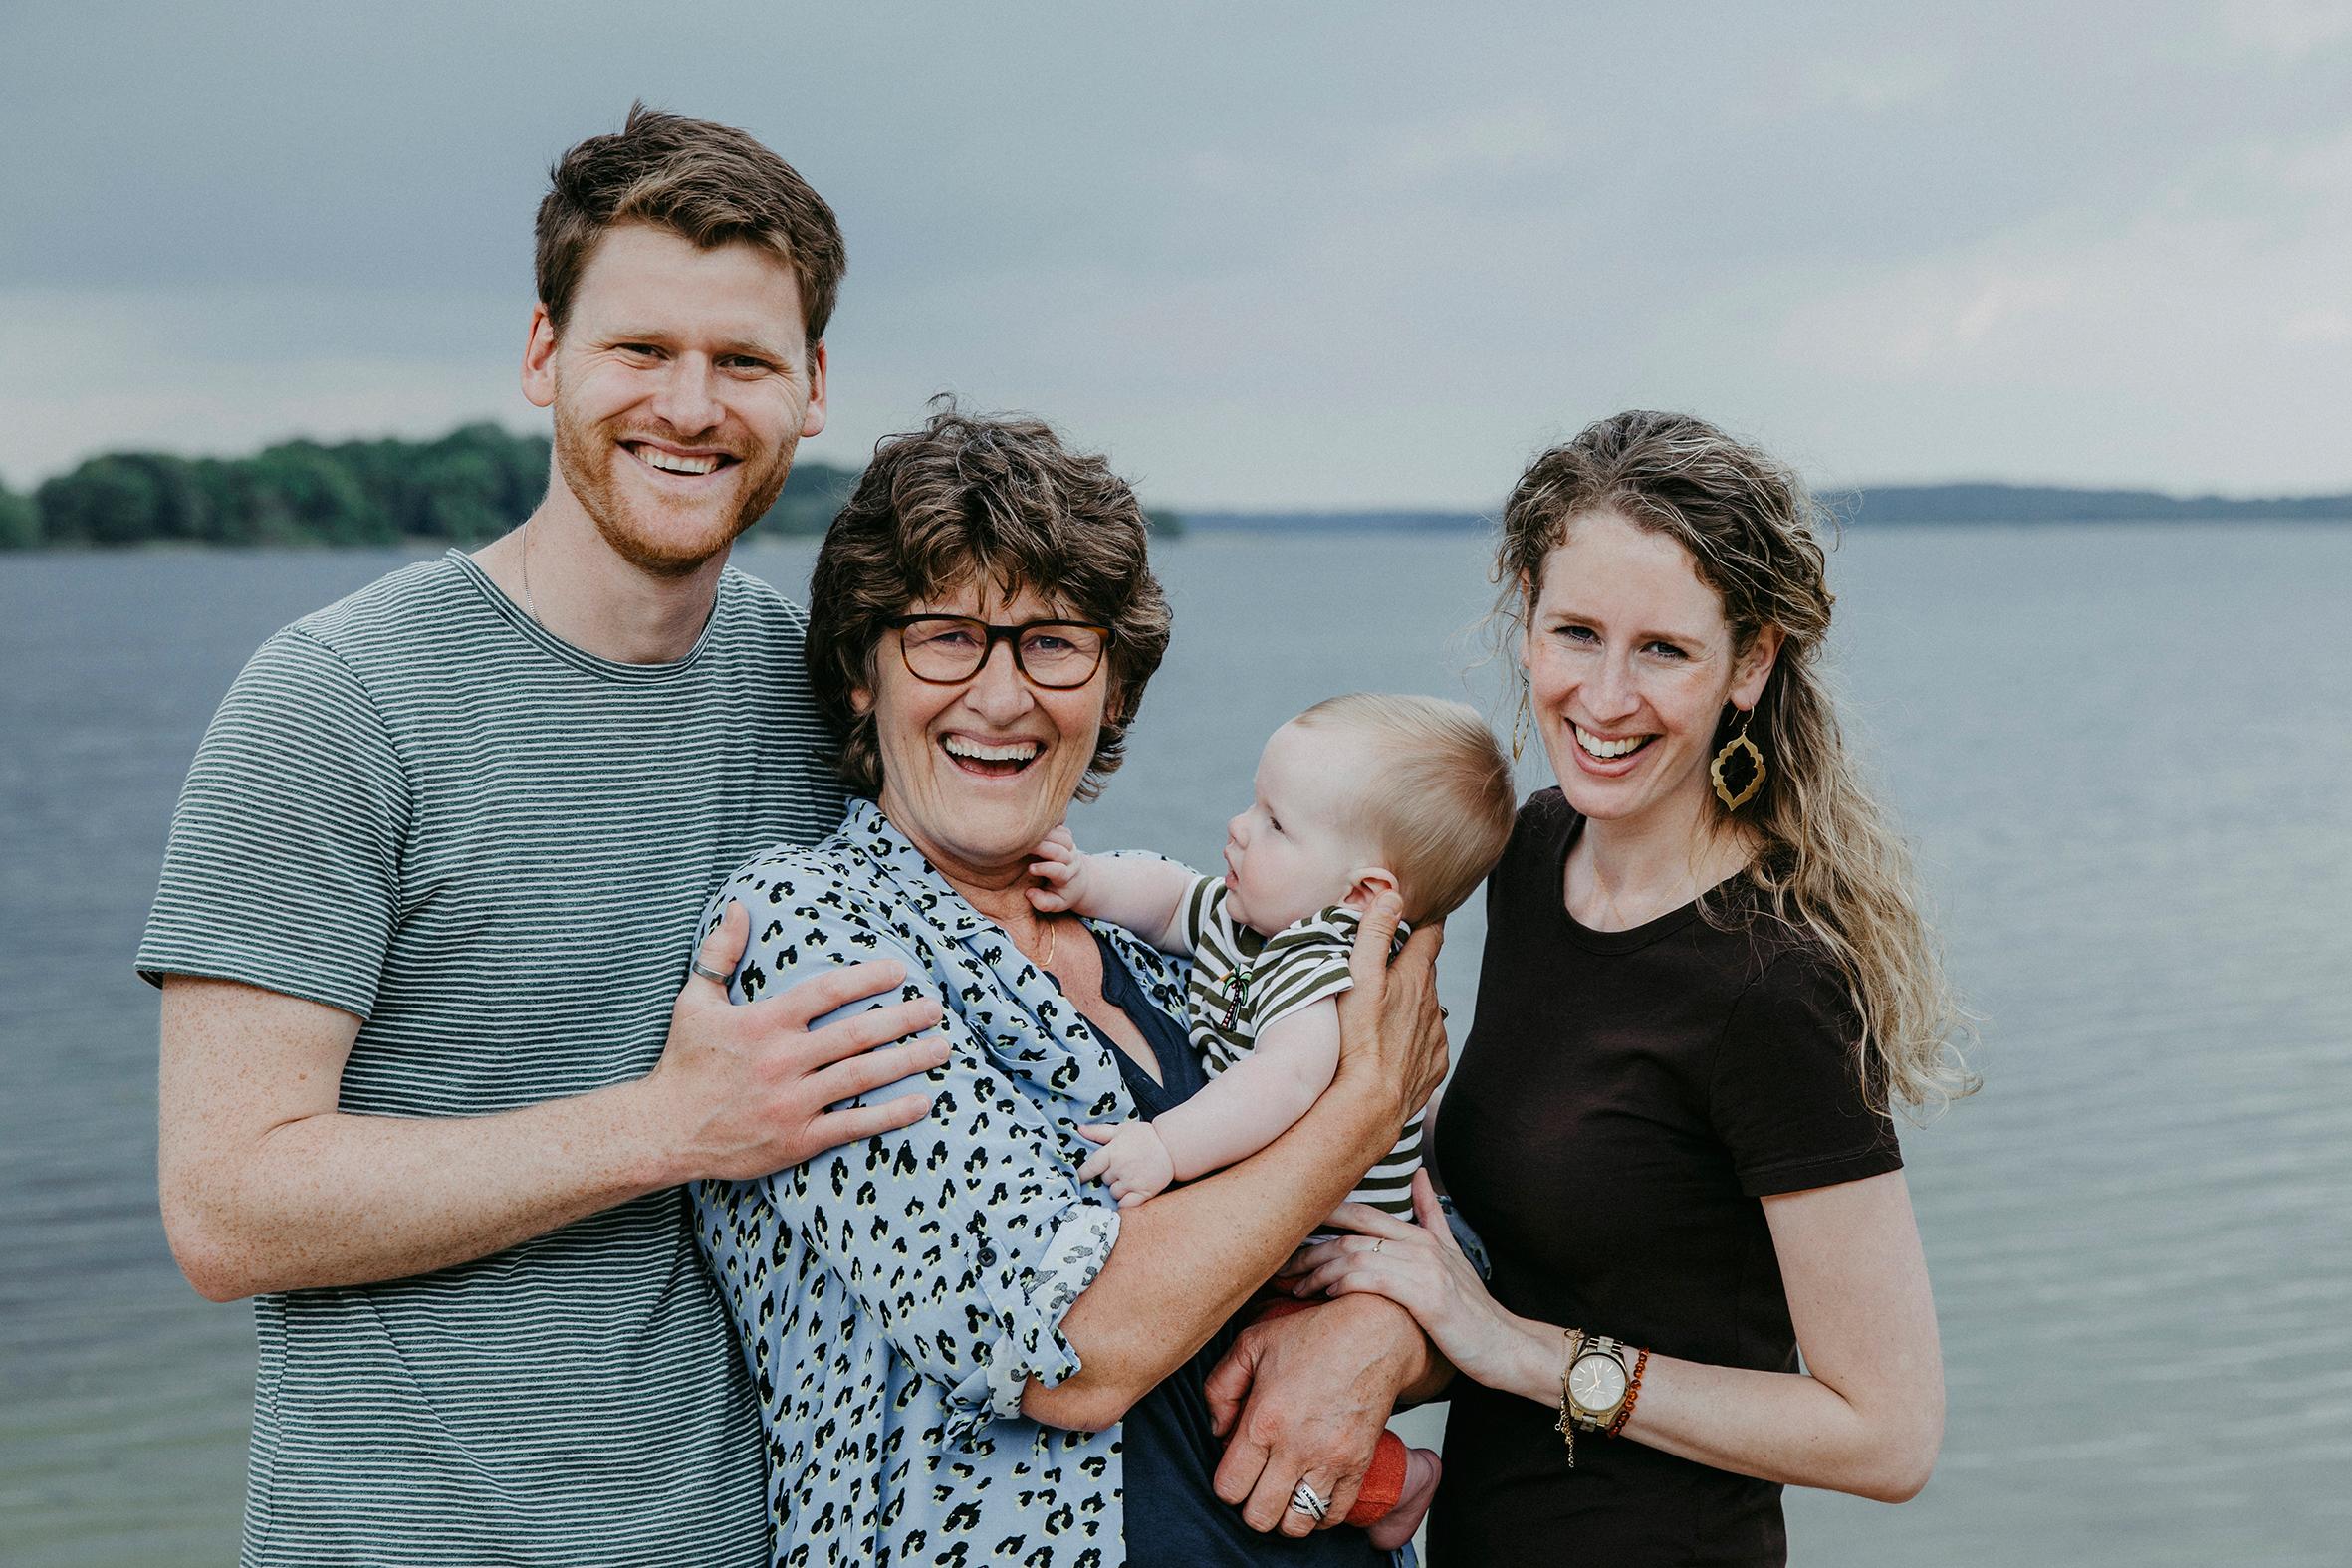 Familienfotos_Familienshooting_Schaalsee_G10